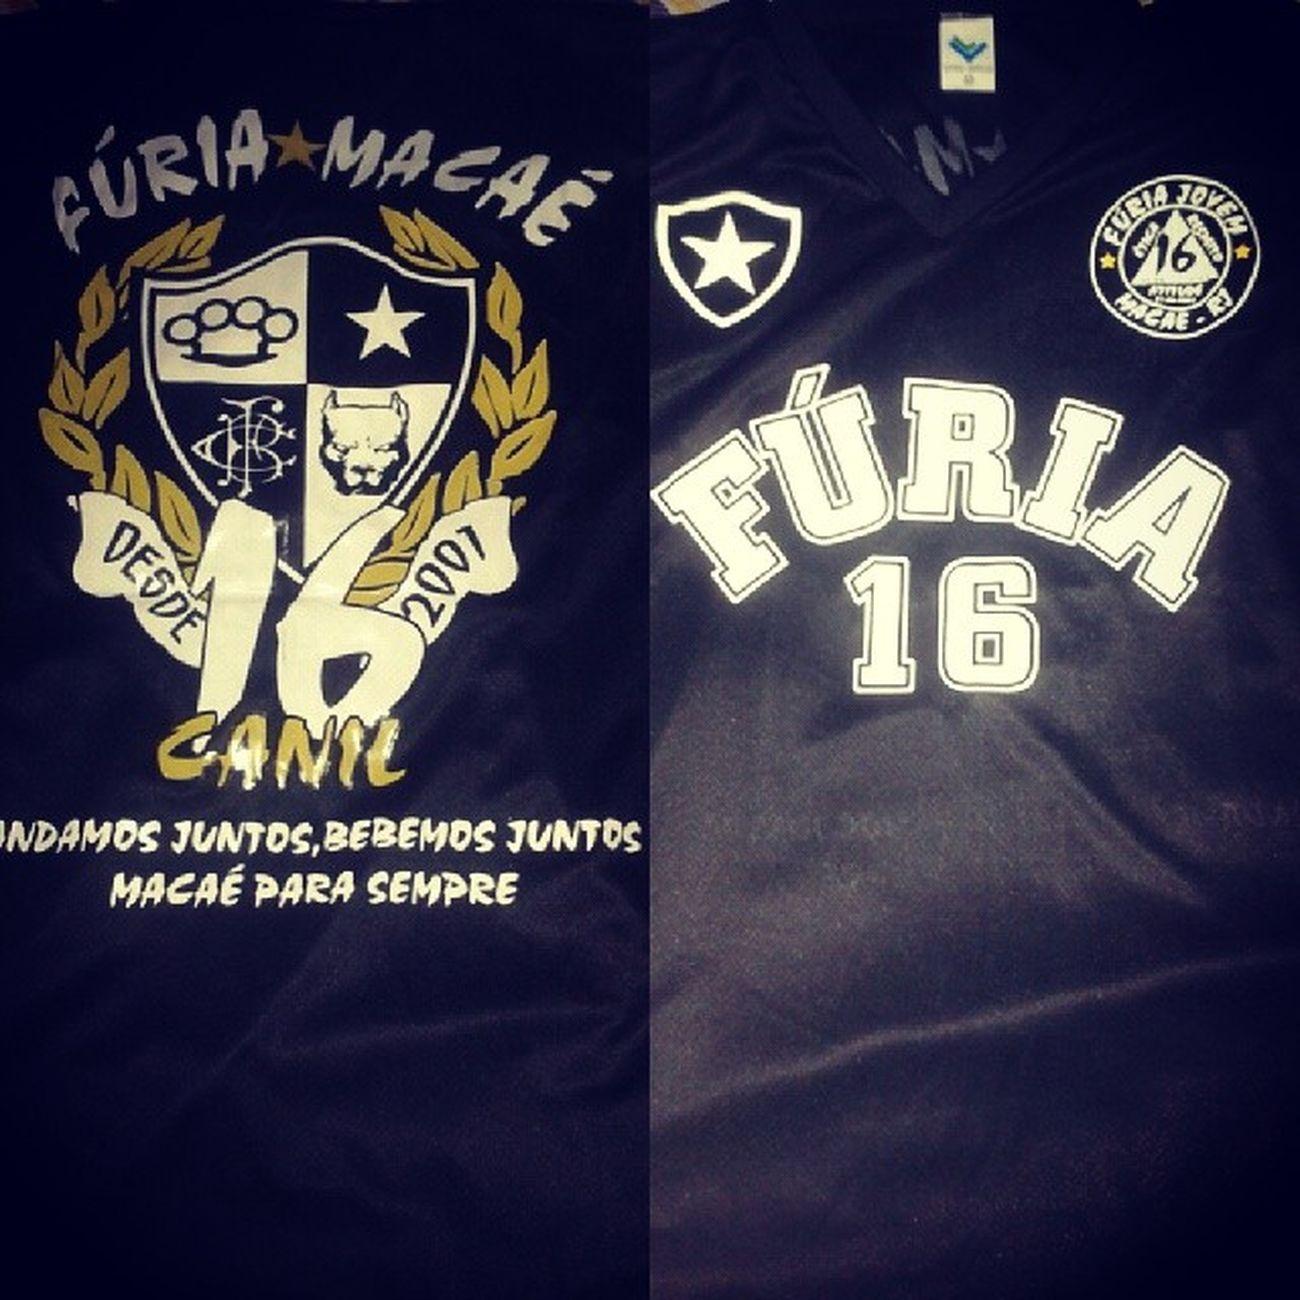 Ai sim em, chegou nova camisa da Furia TorcidaFúria Do Botafogo